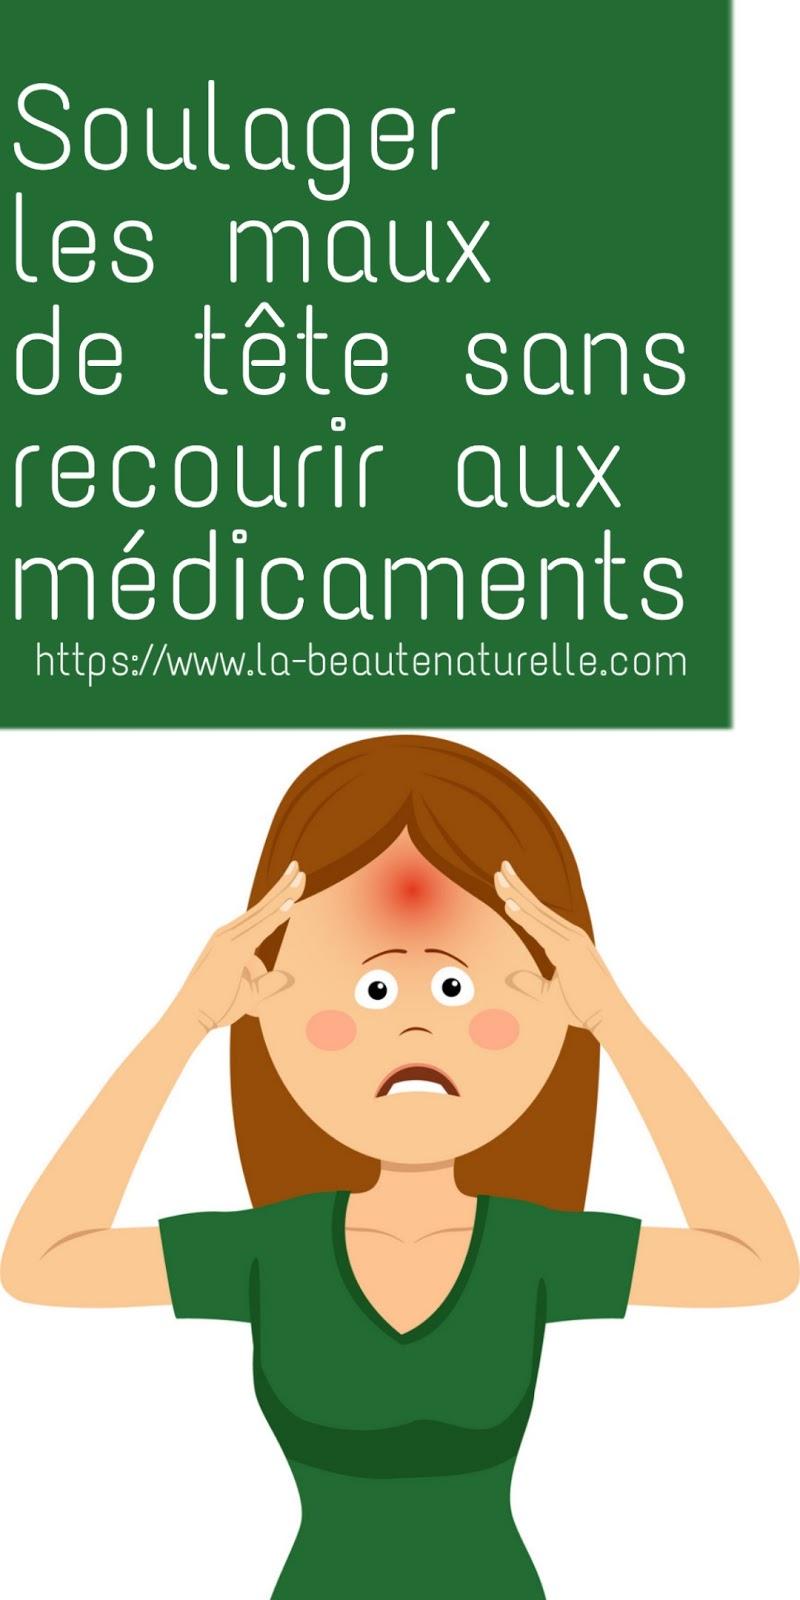 Soulager les maux de tête sans recourir aux médicaments